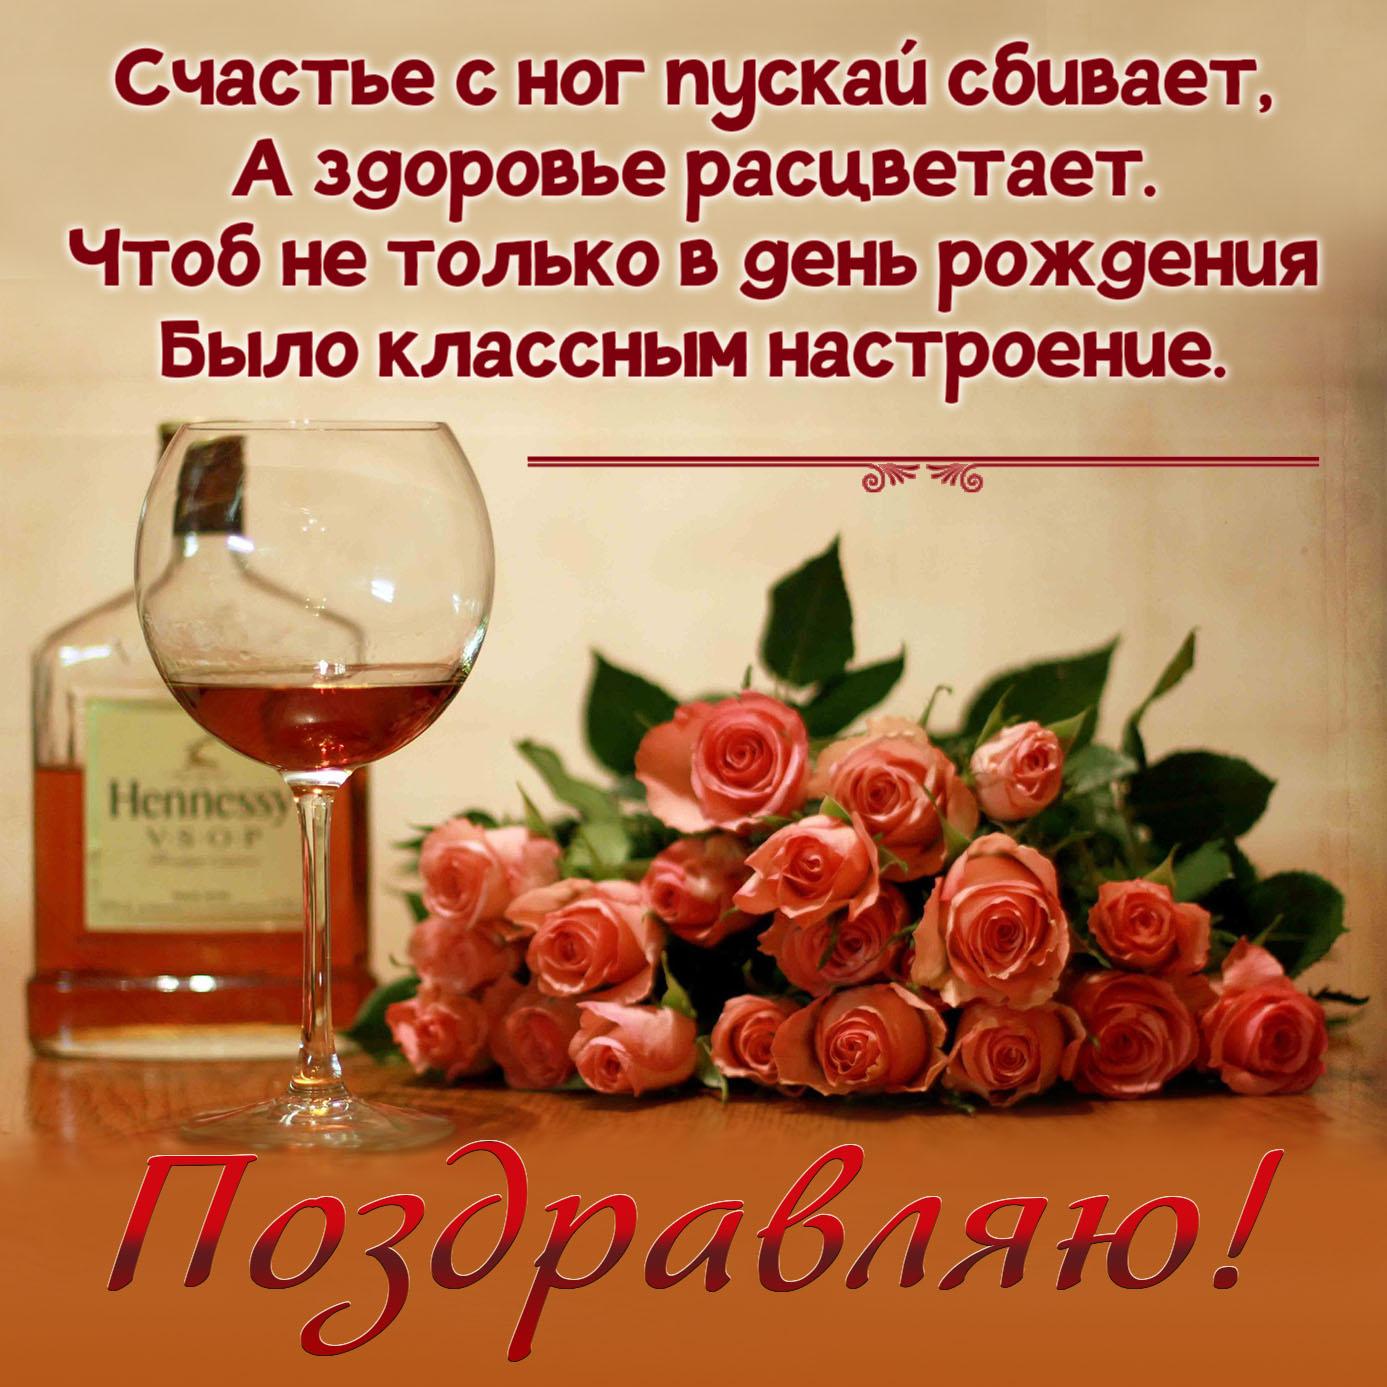 Картинка на День рождения с коньяком и розами